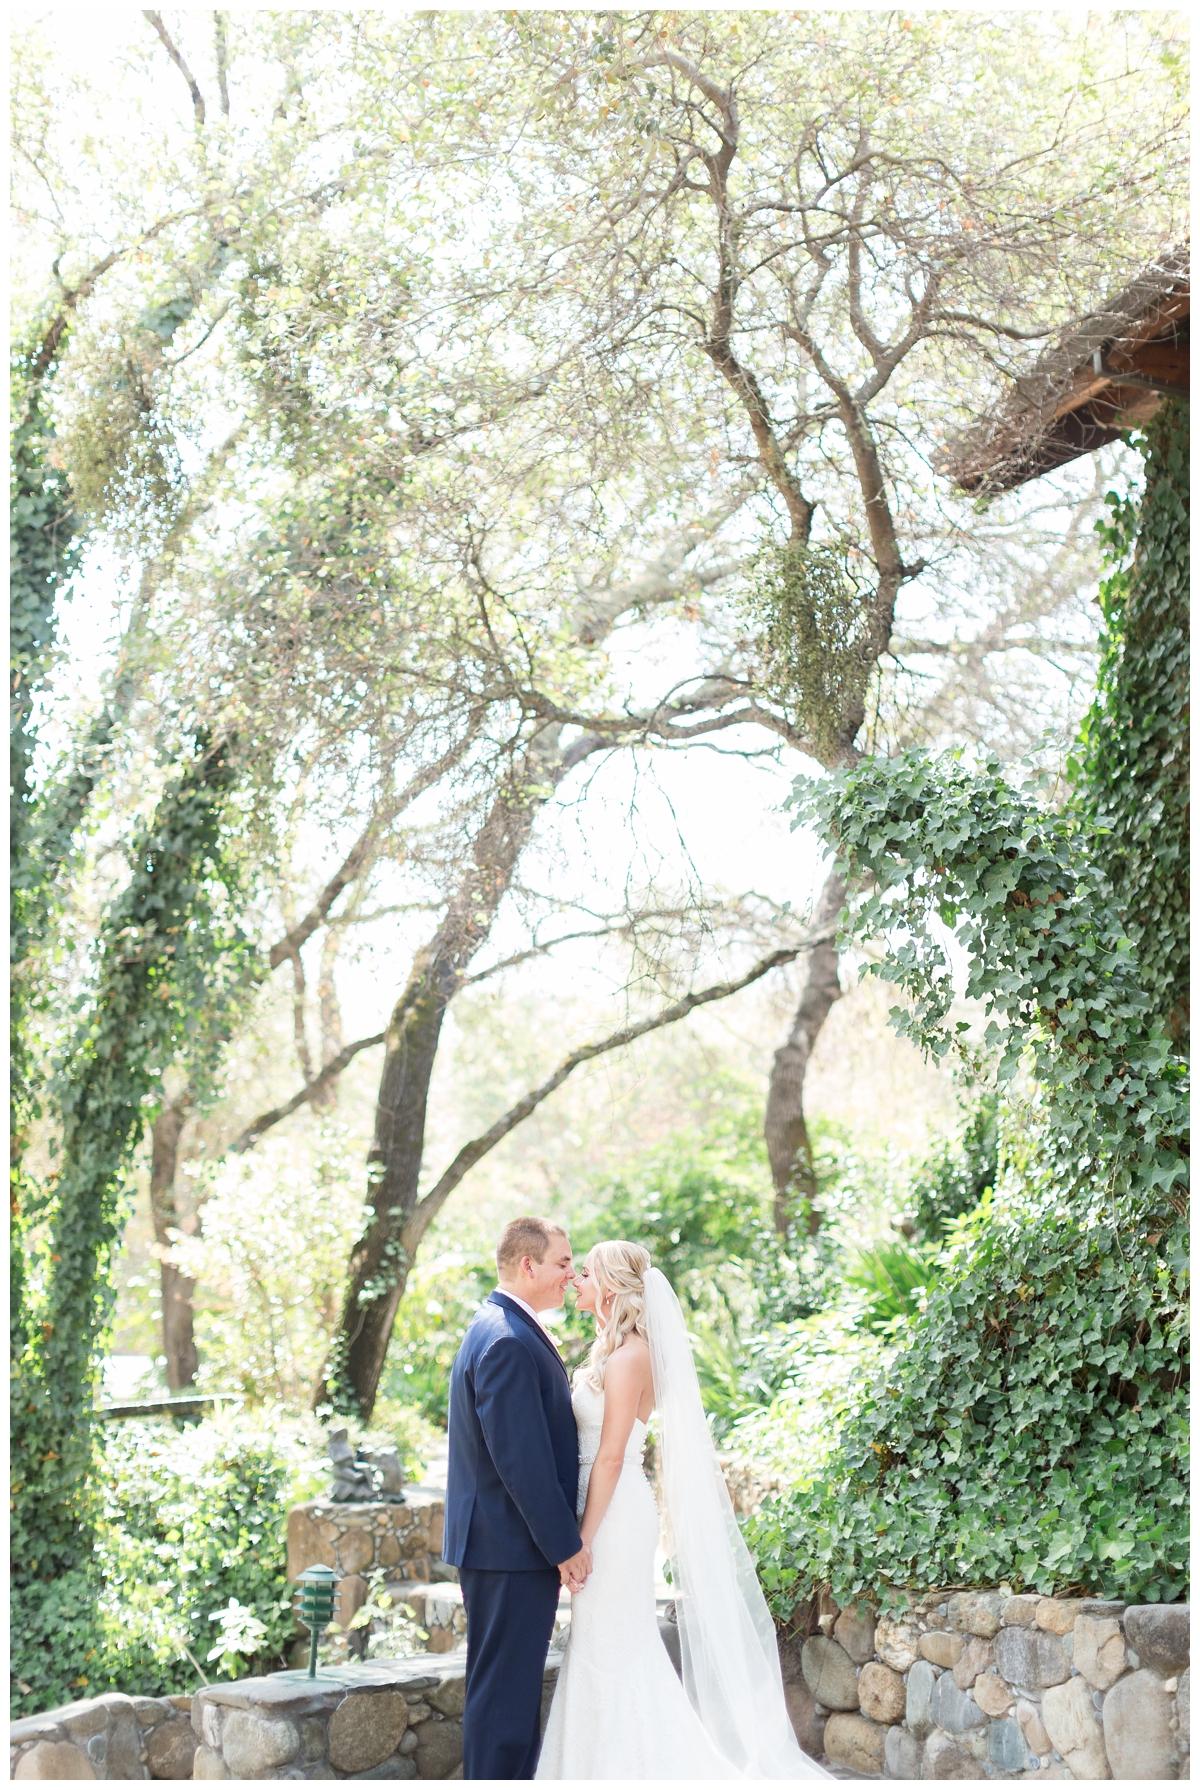 Centerville-Estates-Wedding-Photographer_5903.jpg